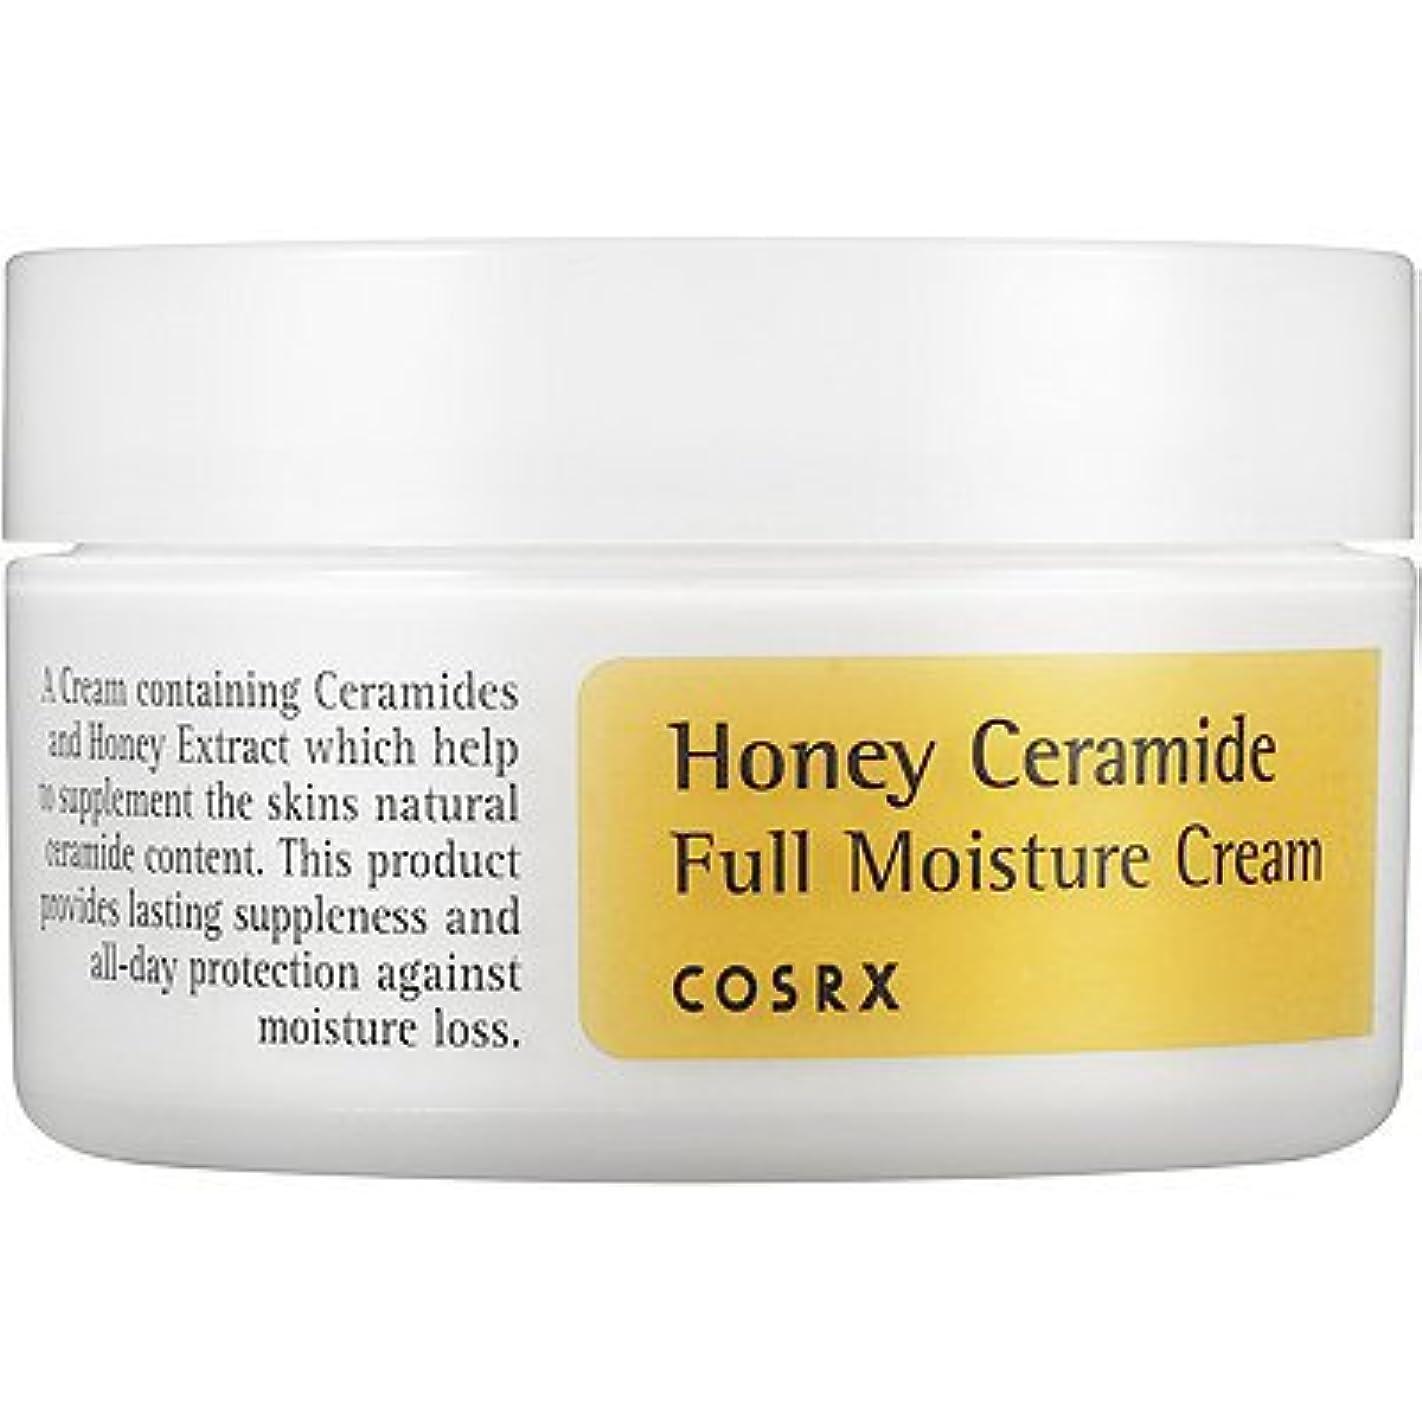 株式会社評決嫌なCOSRX Honey Ceramide Full Moisture Cream 50g/ハニーセラミド フル モイスチャークリーム -50g [並行輸入品]